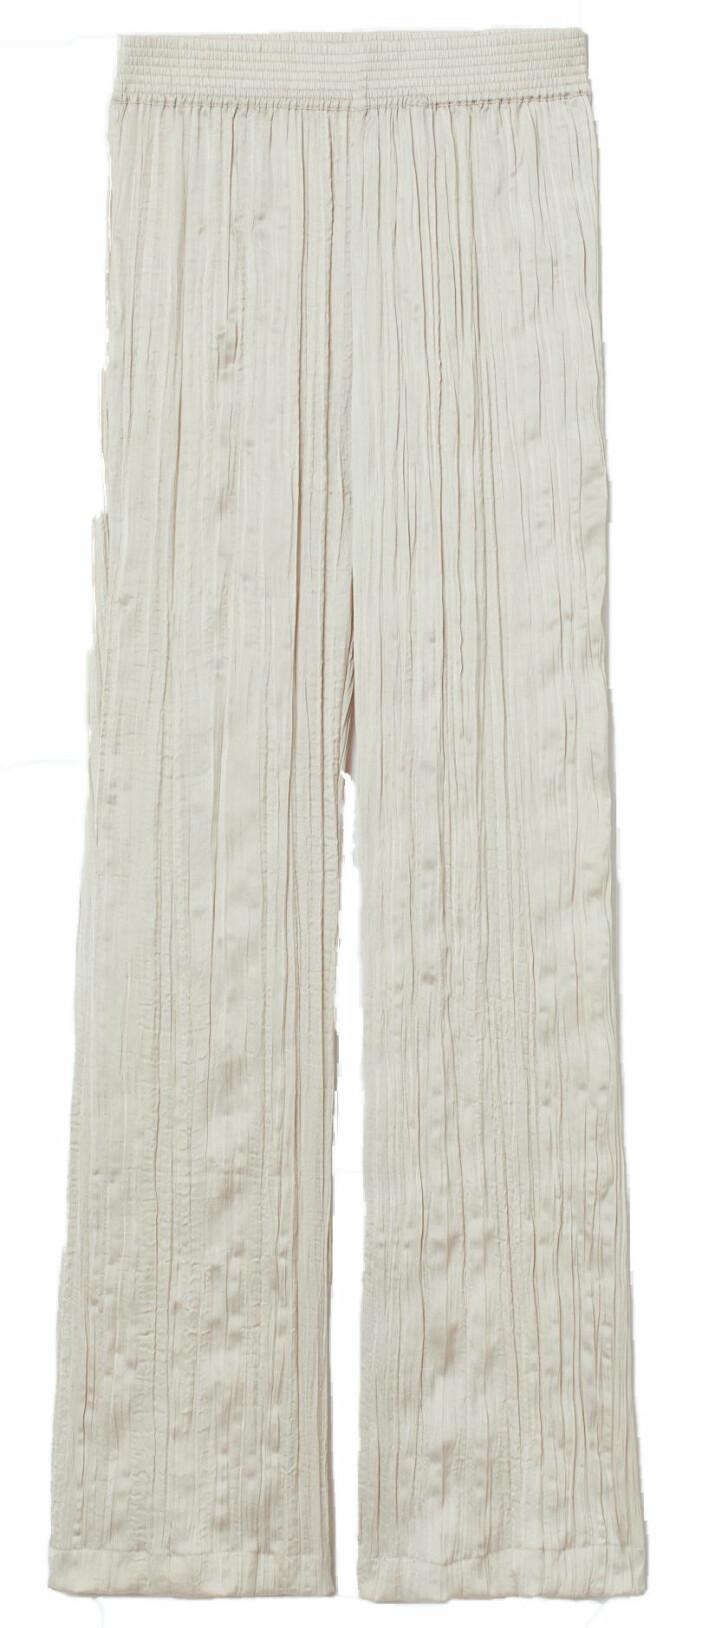 Matchande nederdel från H&M.